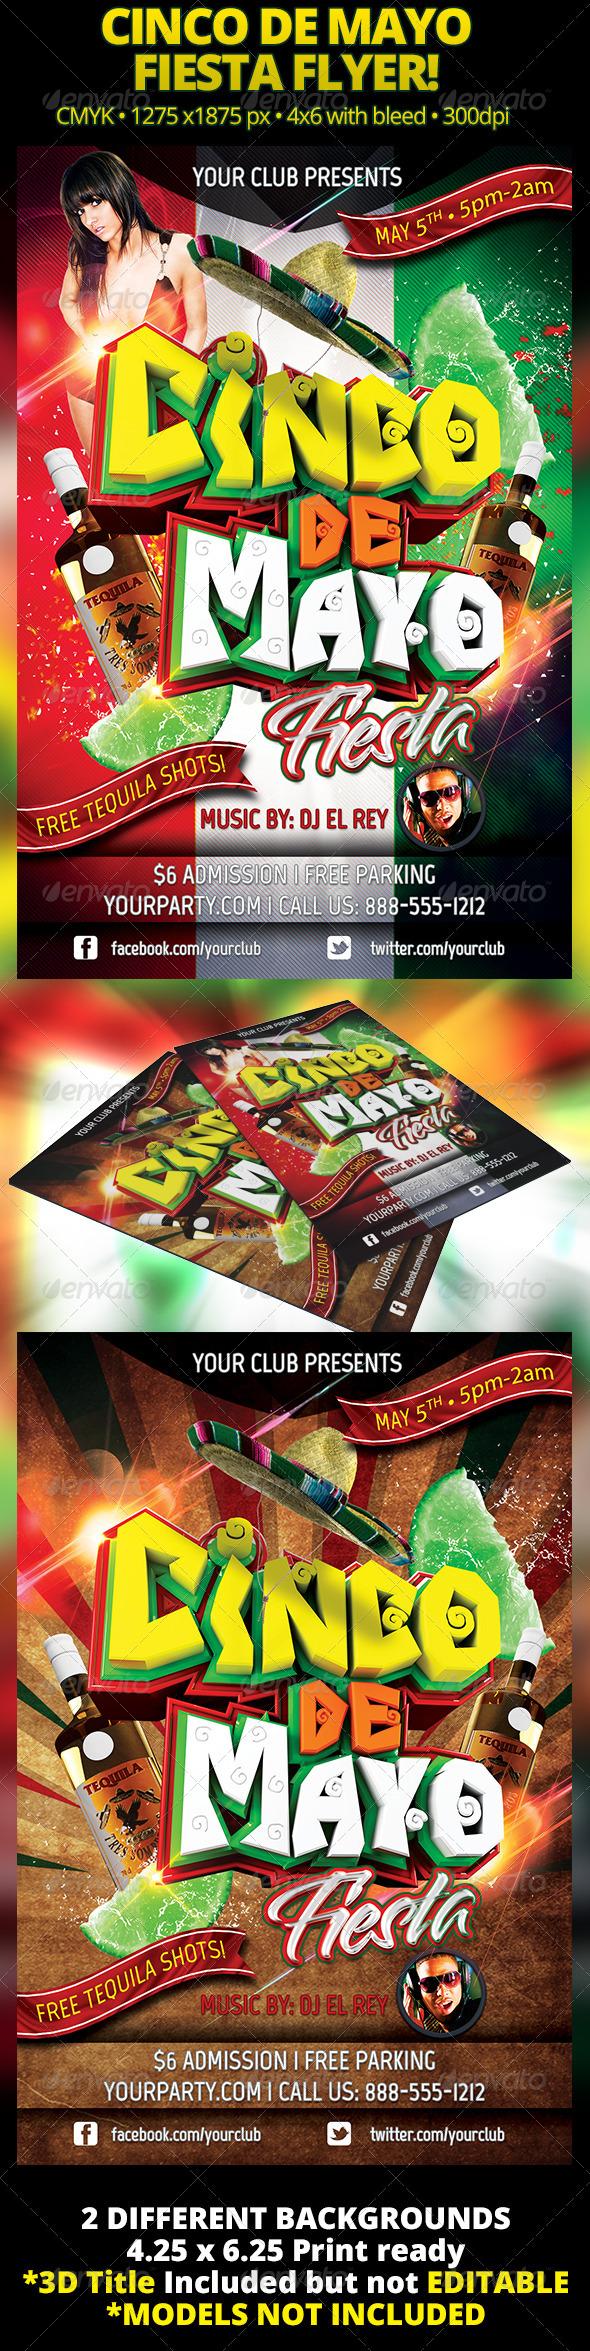 Cinco De Mayo Fiesta Flyer - Holidays Events